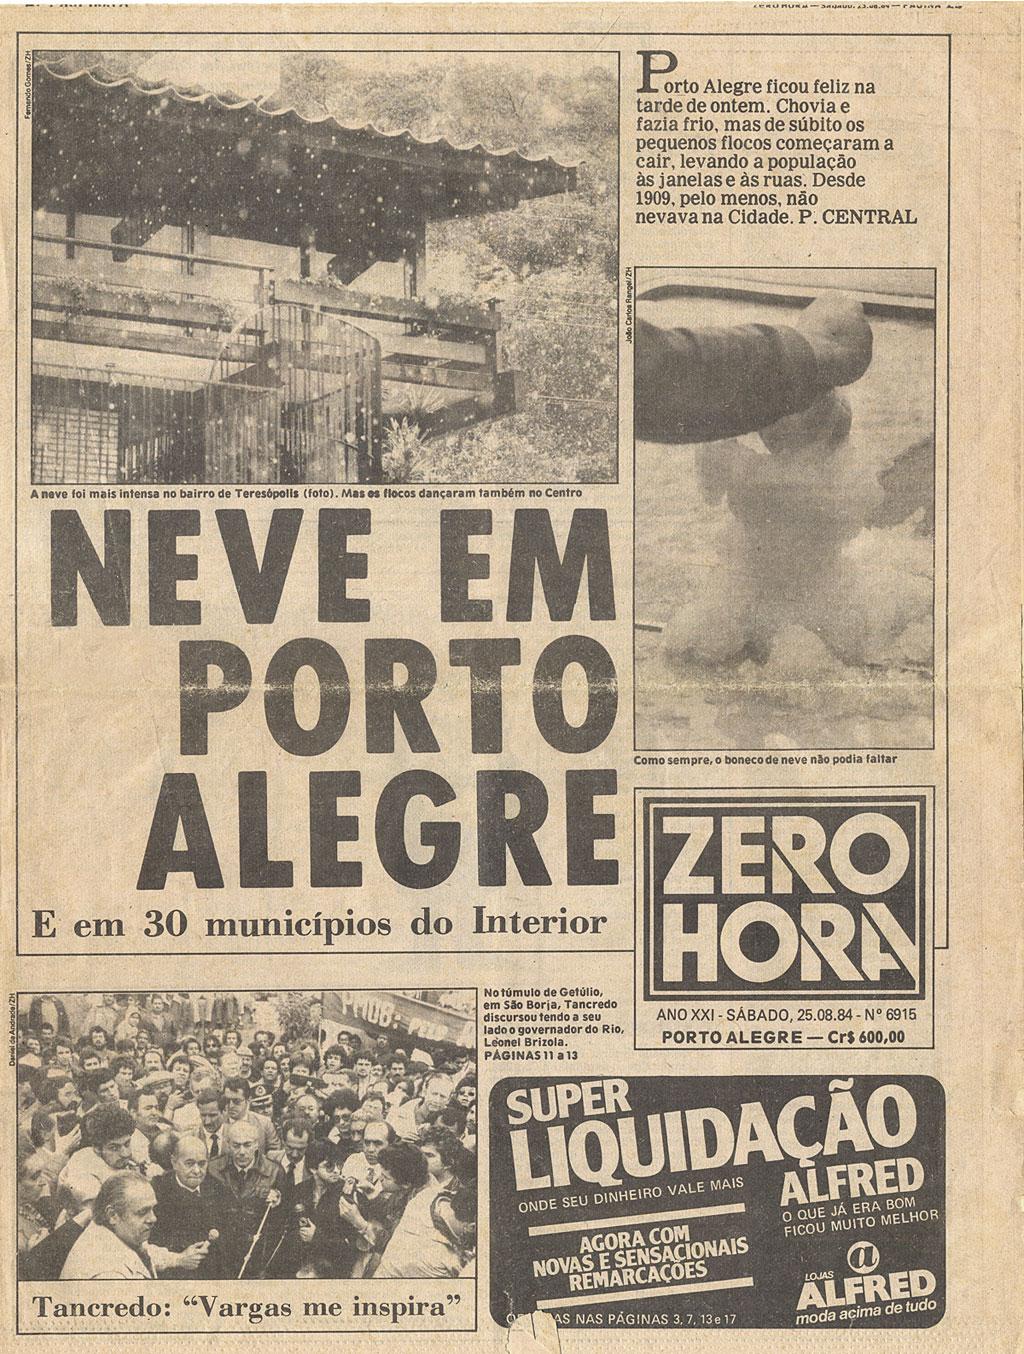 Capa da Zero Hora, 25/08/1984